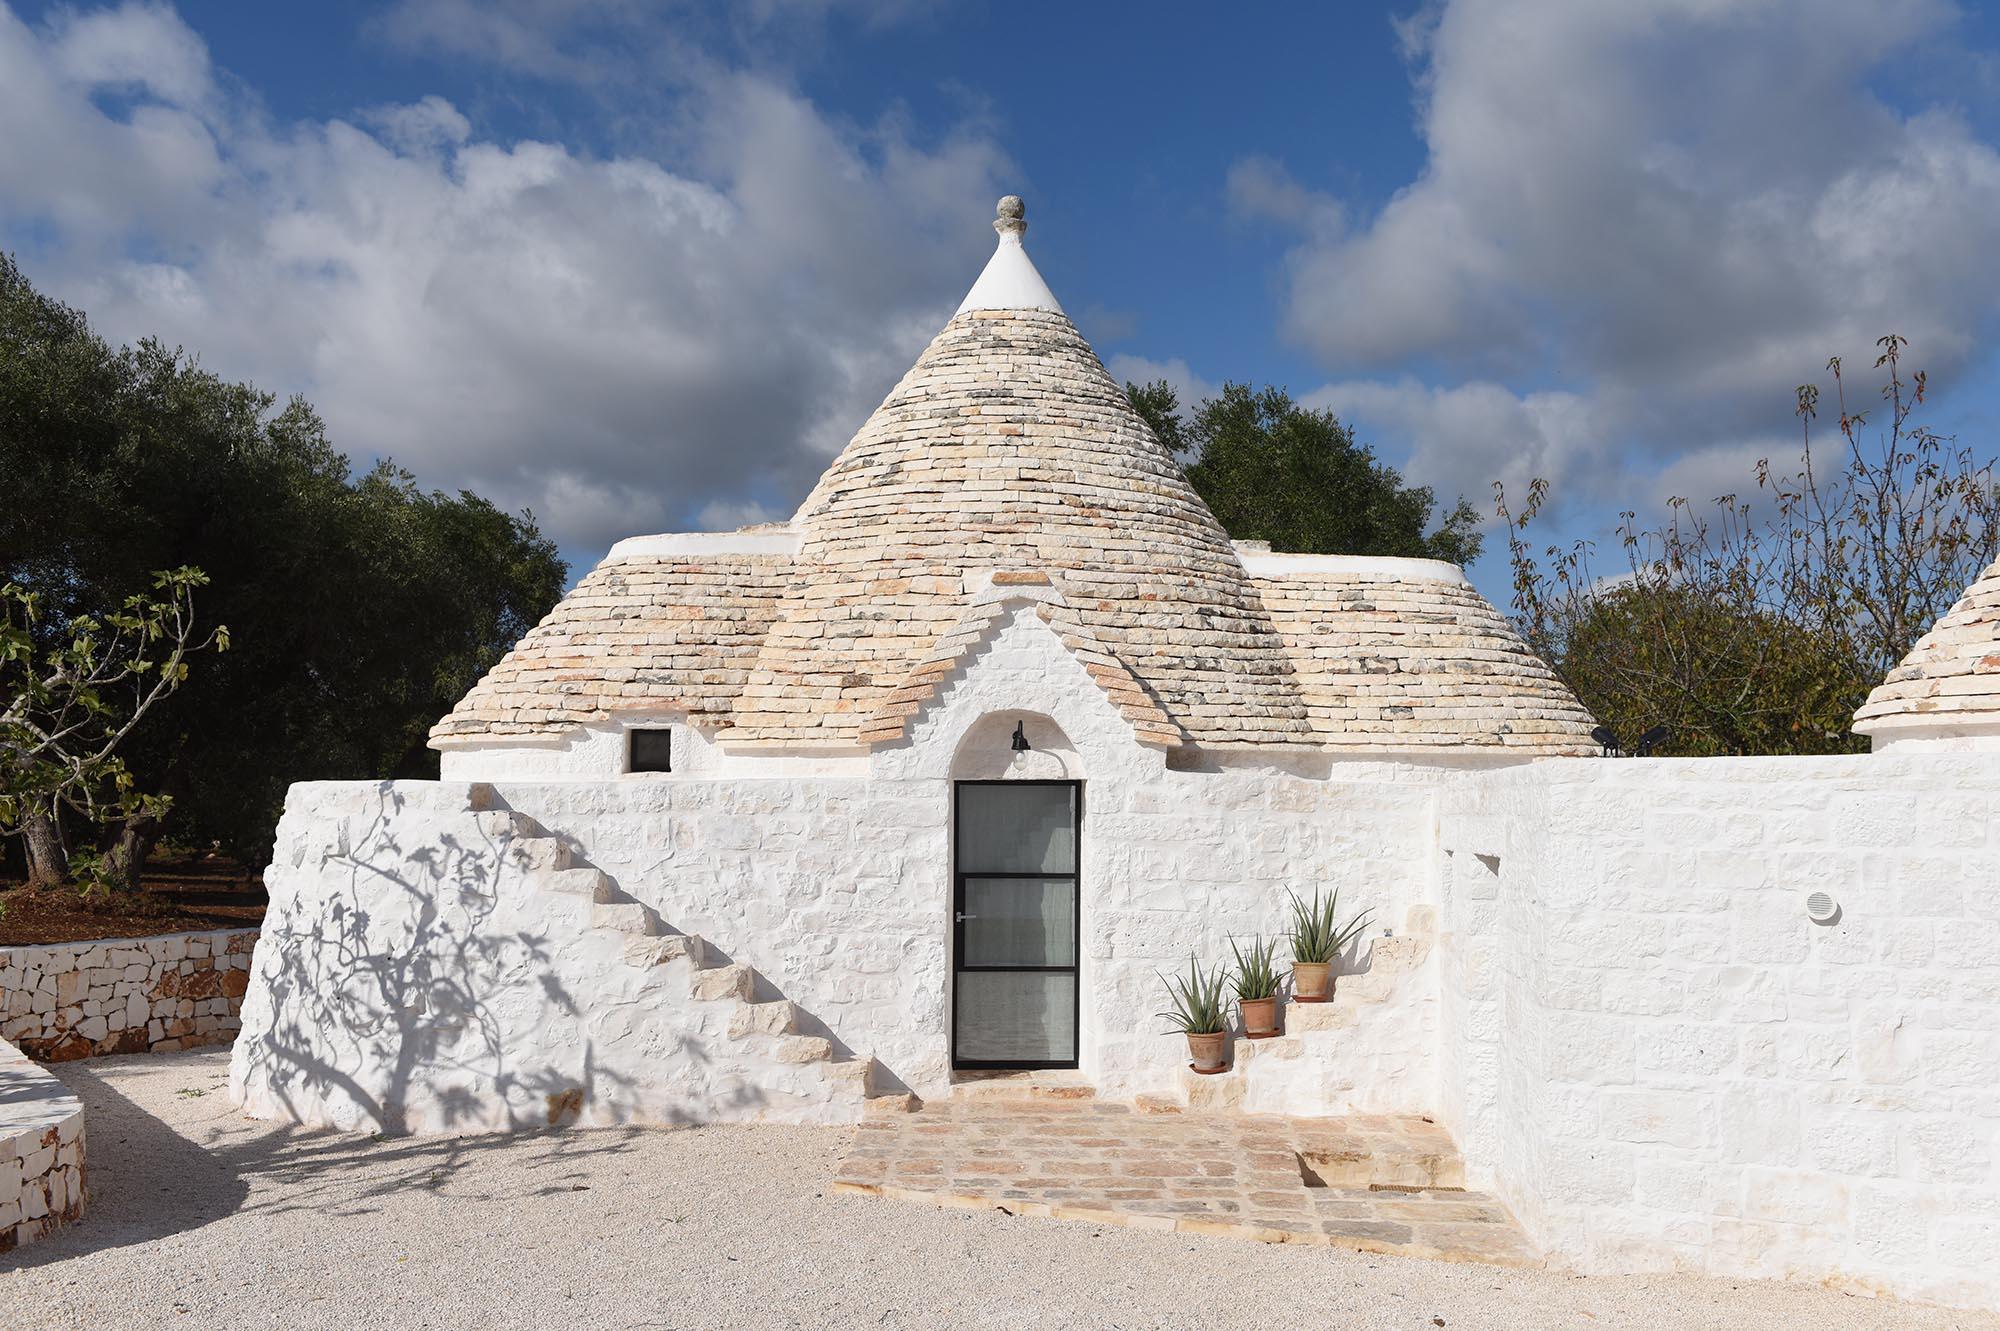 Vacanze in Puglia tra masserie e trulli: dove dormire - Foto